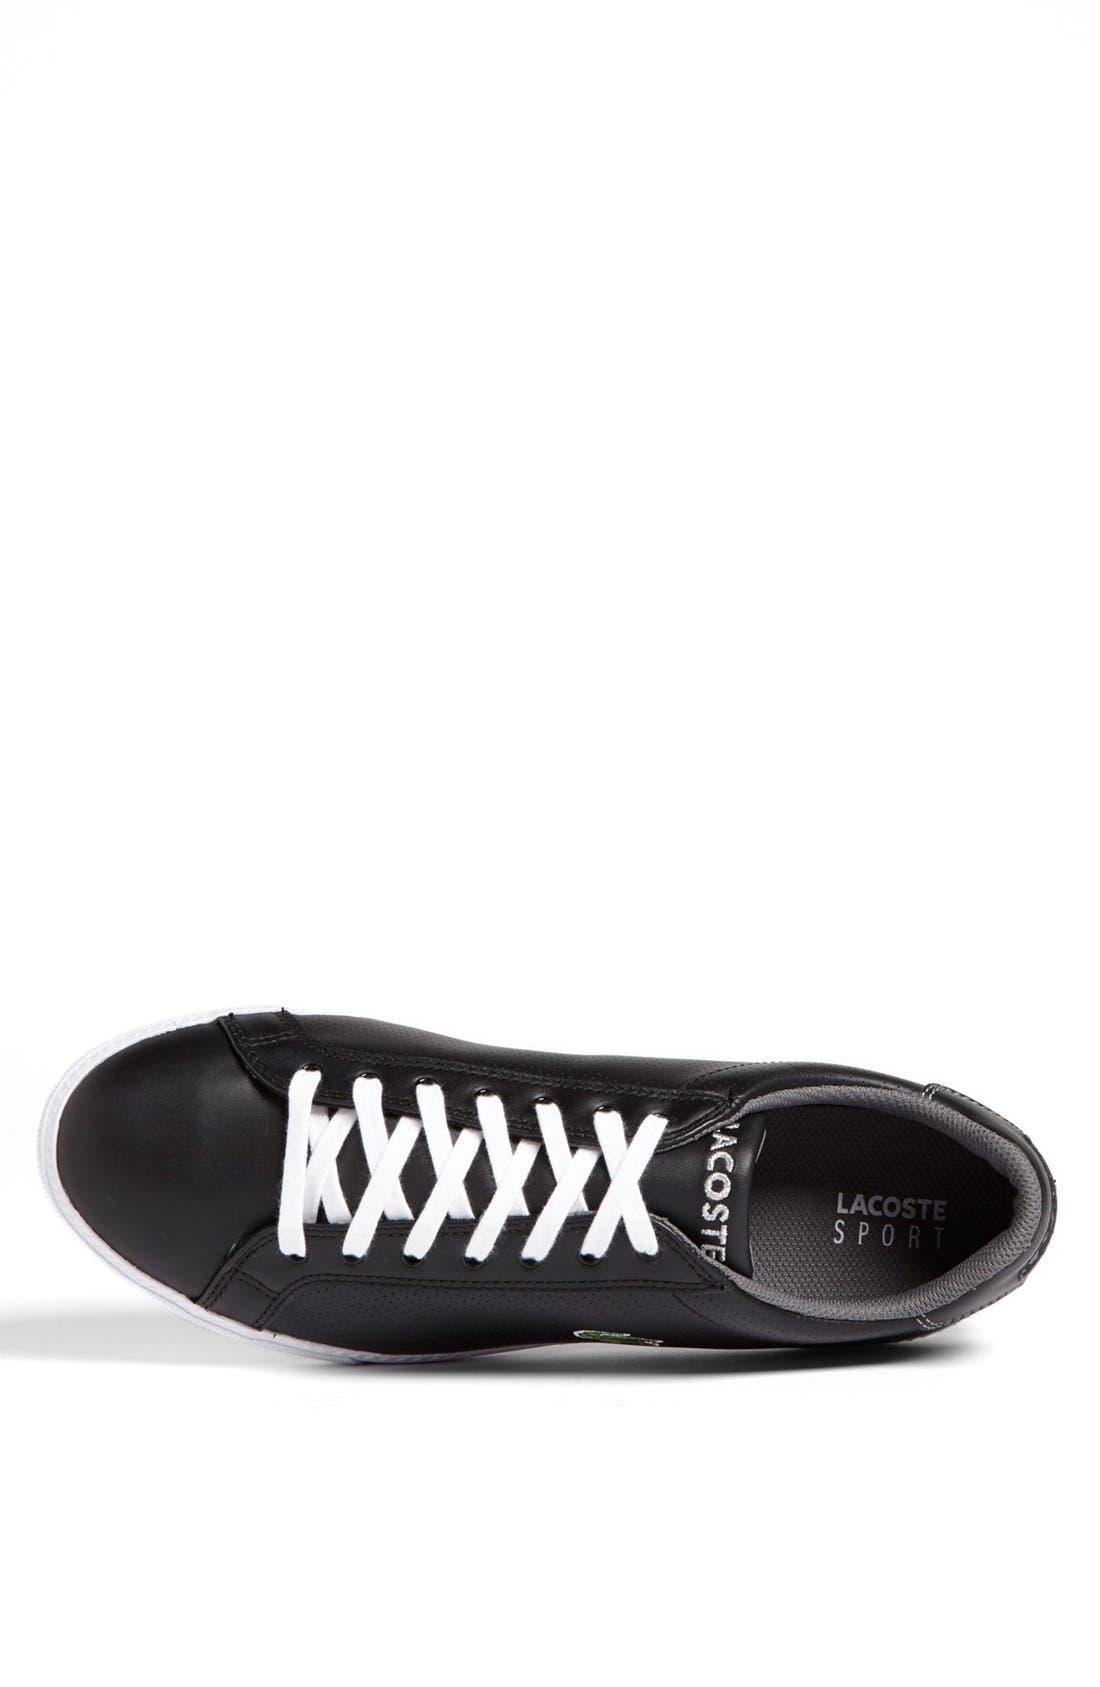 Alternate Image 3  - Lacoste 'Graduate' Sneaker